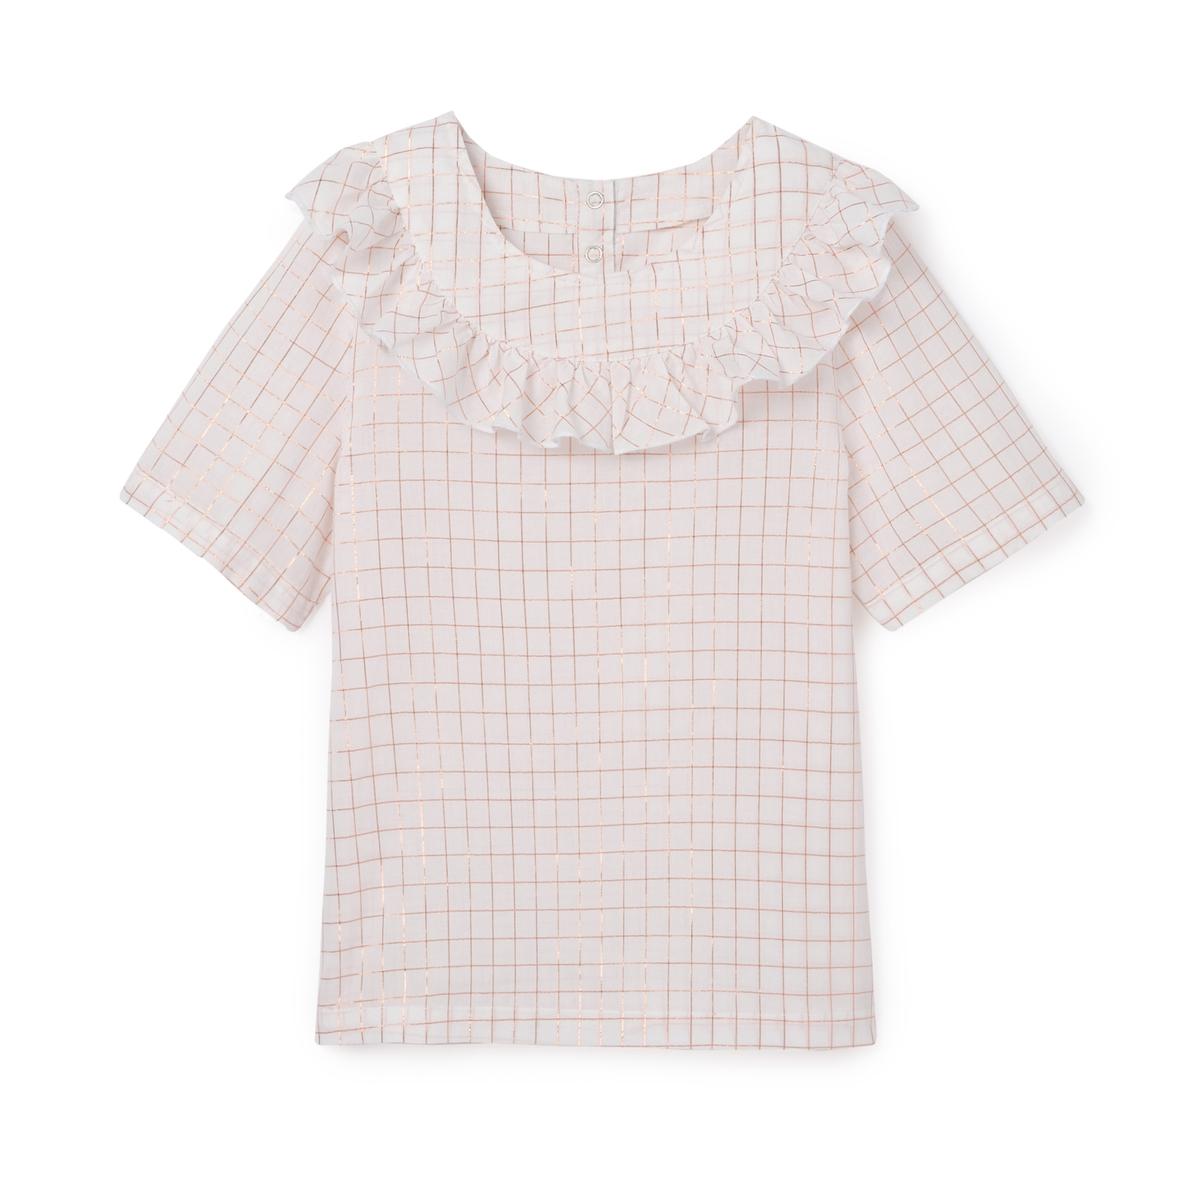 Блузка в блестящую клетку с воланами,  3-12 лет